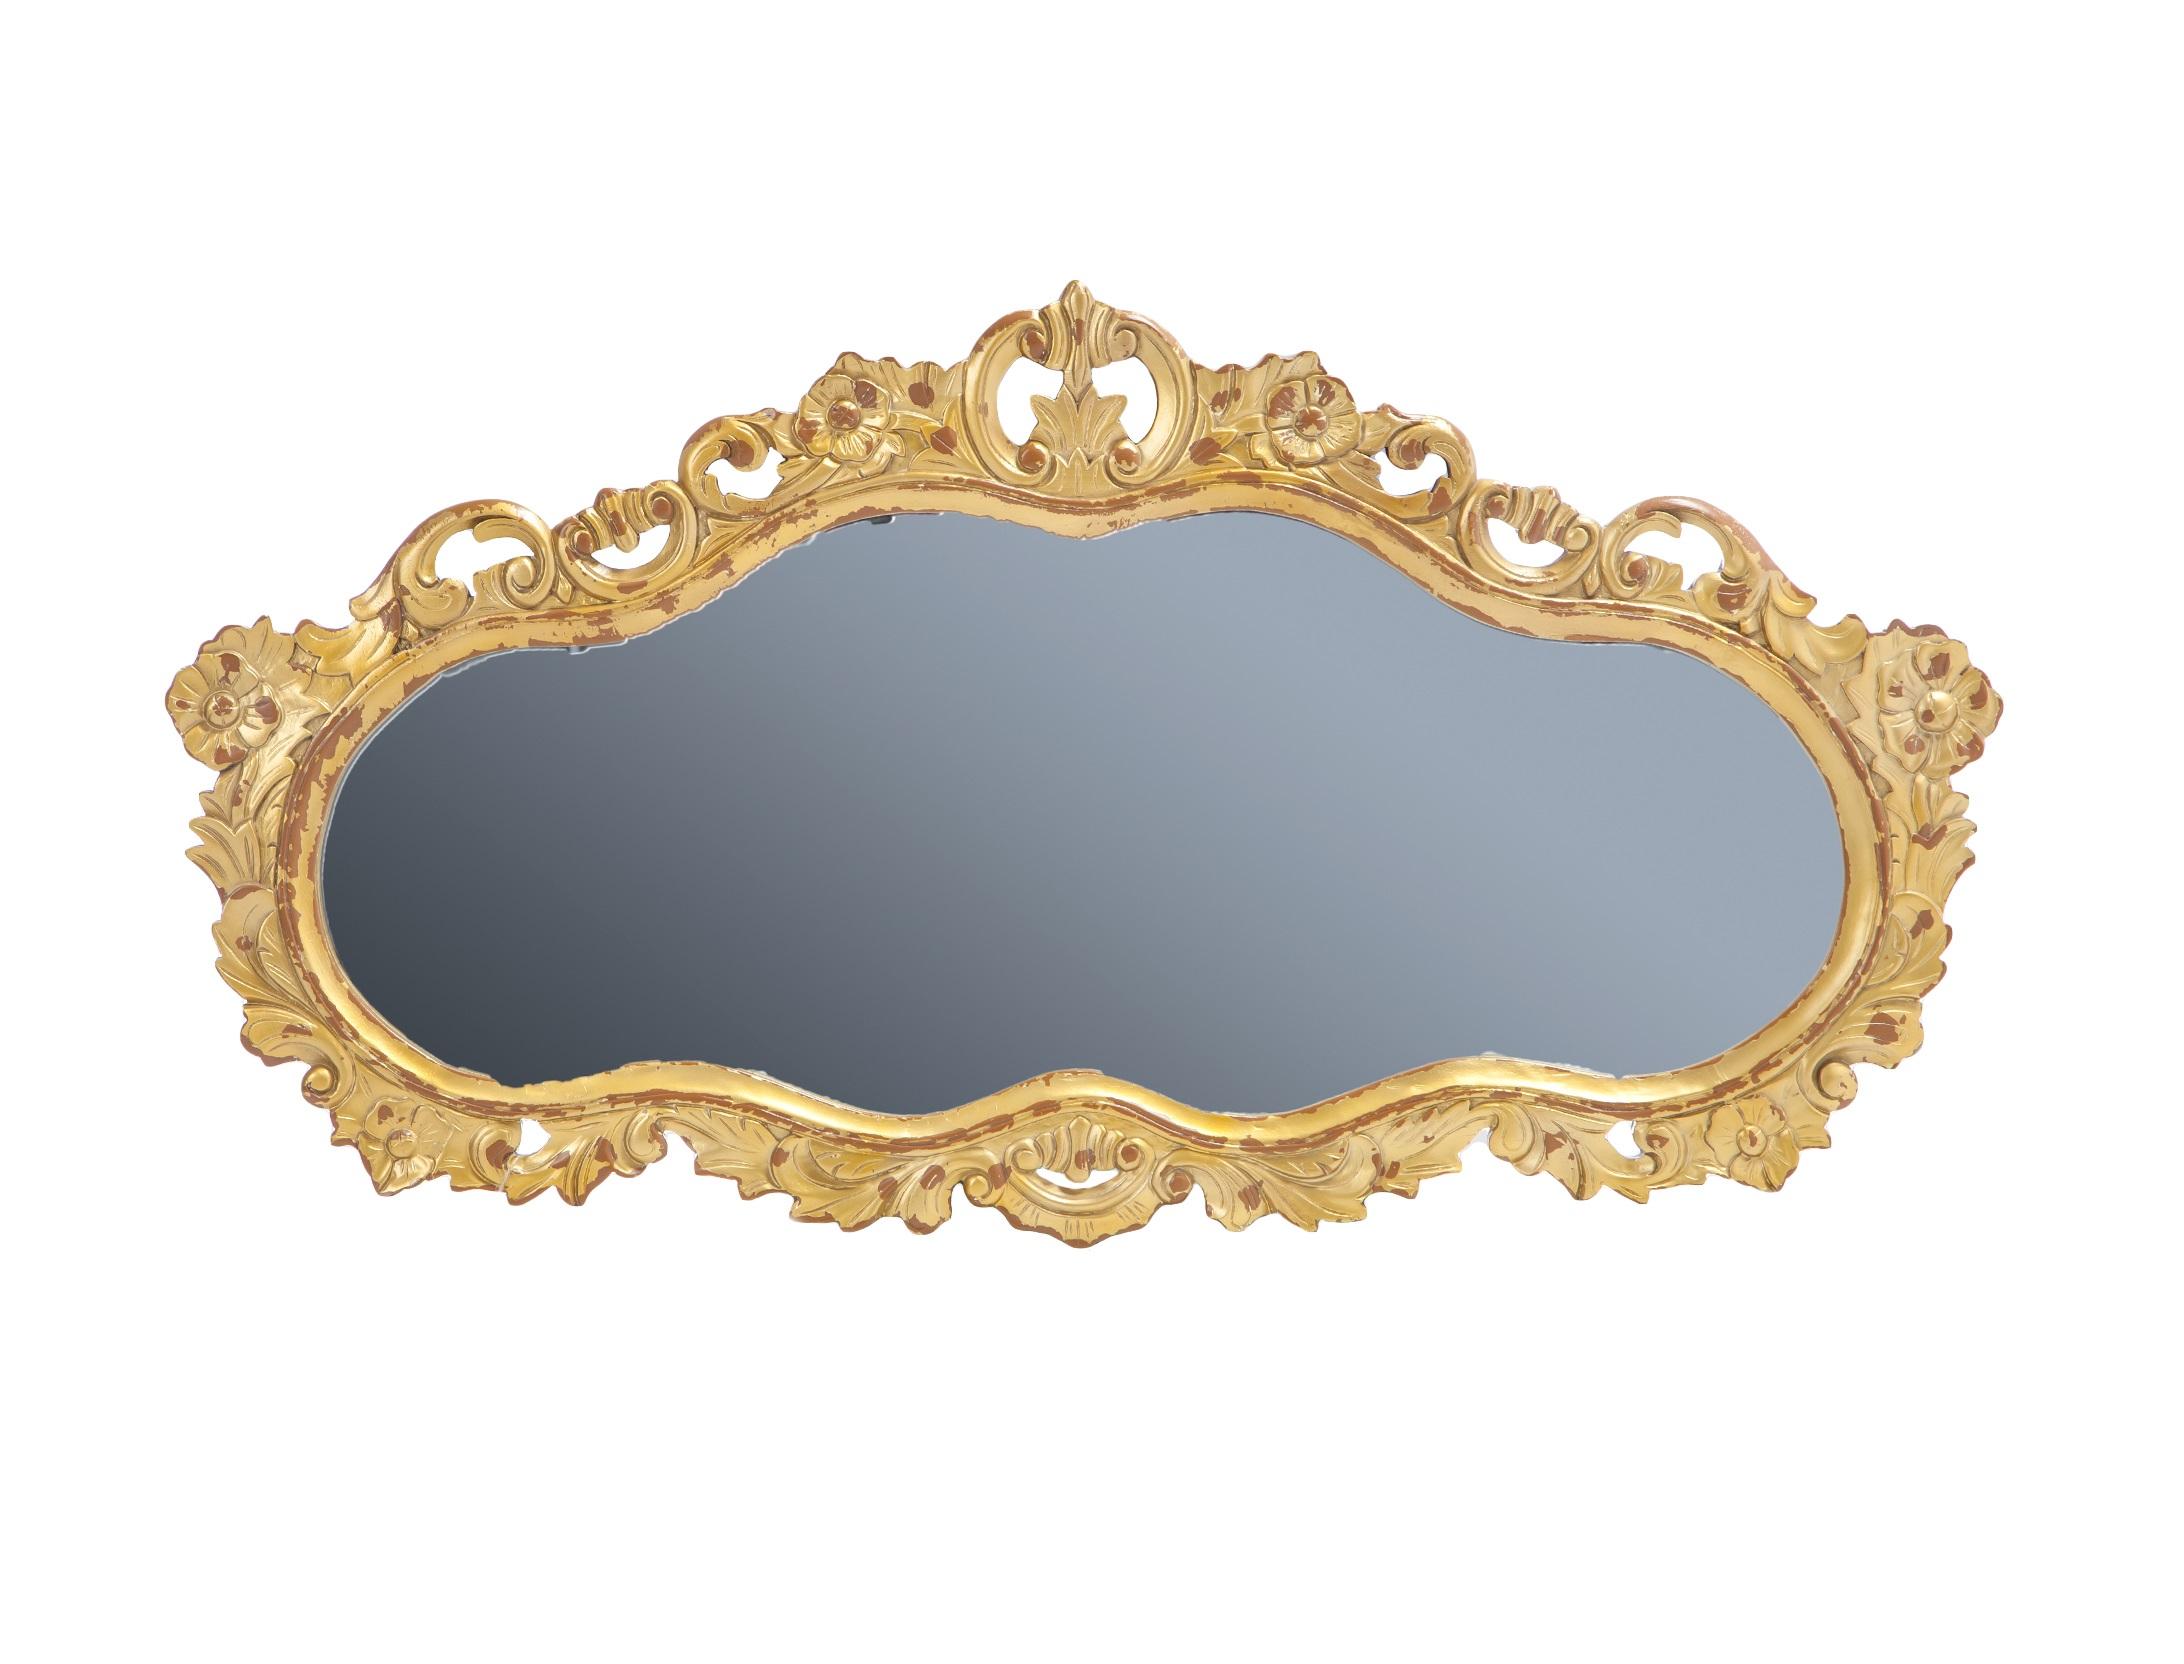 Зеркало «Барокко»Настенные зеркала<br>Зеркало в стиле барокко, украшено резьбой и старением.<br><br>Material: Красное дерево<br>Width см: 129<br>Height см: 70